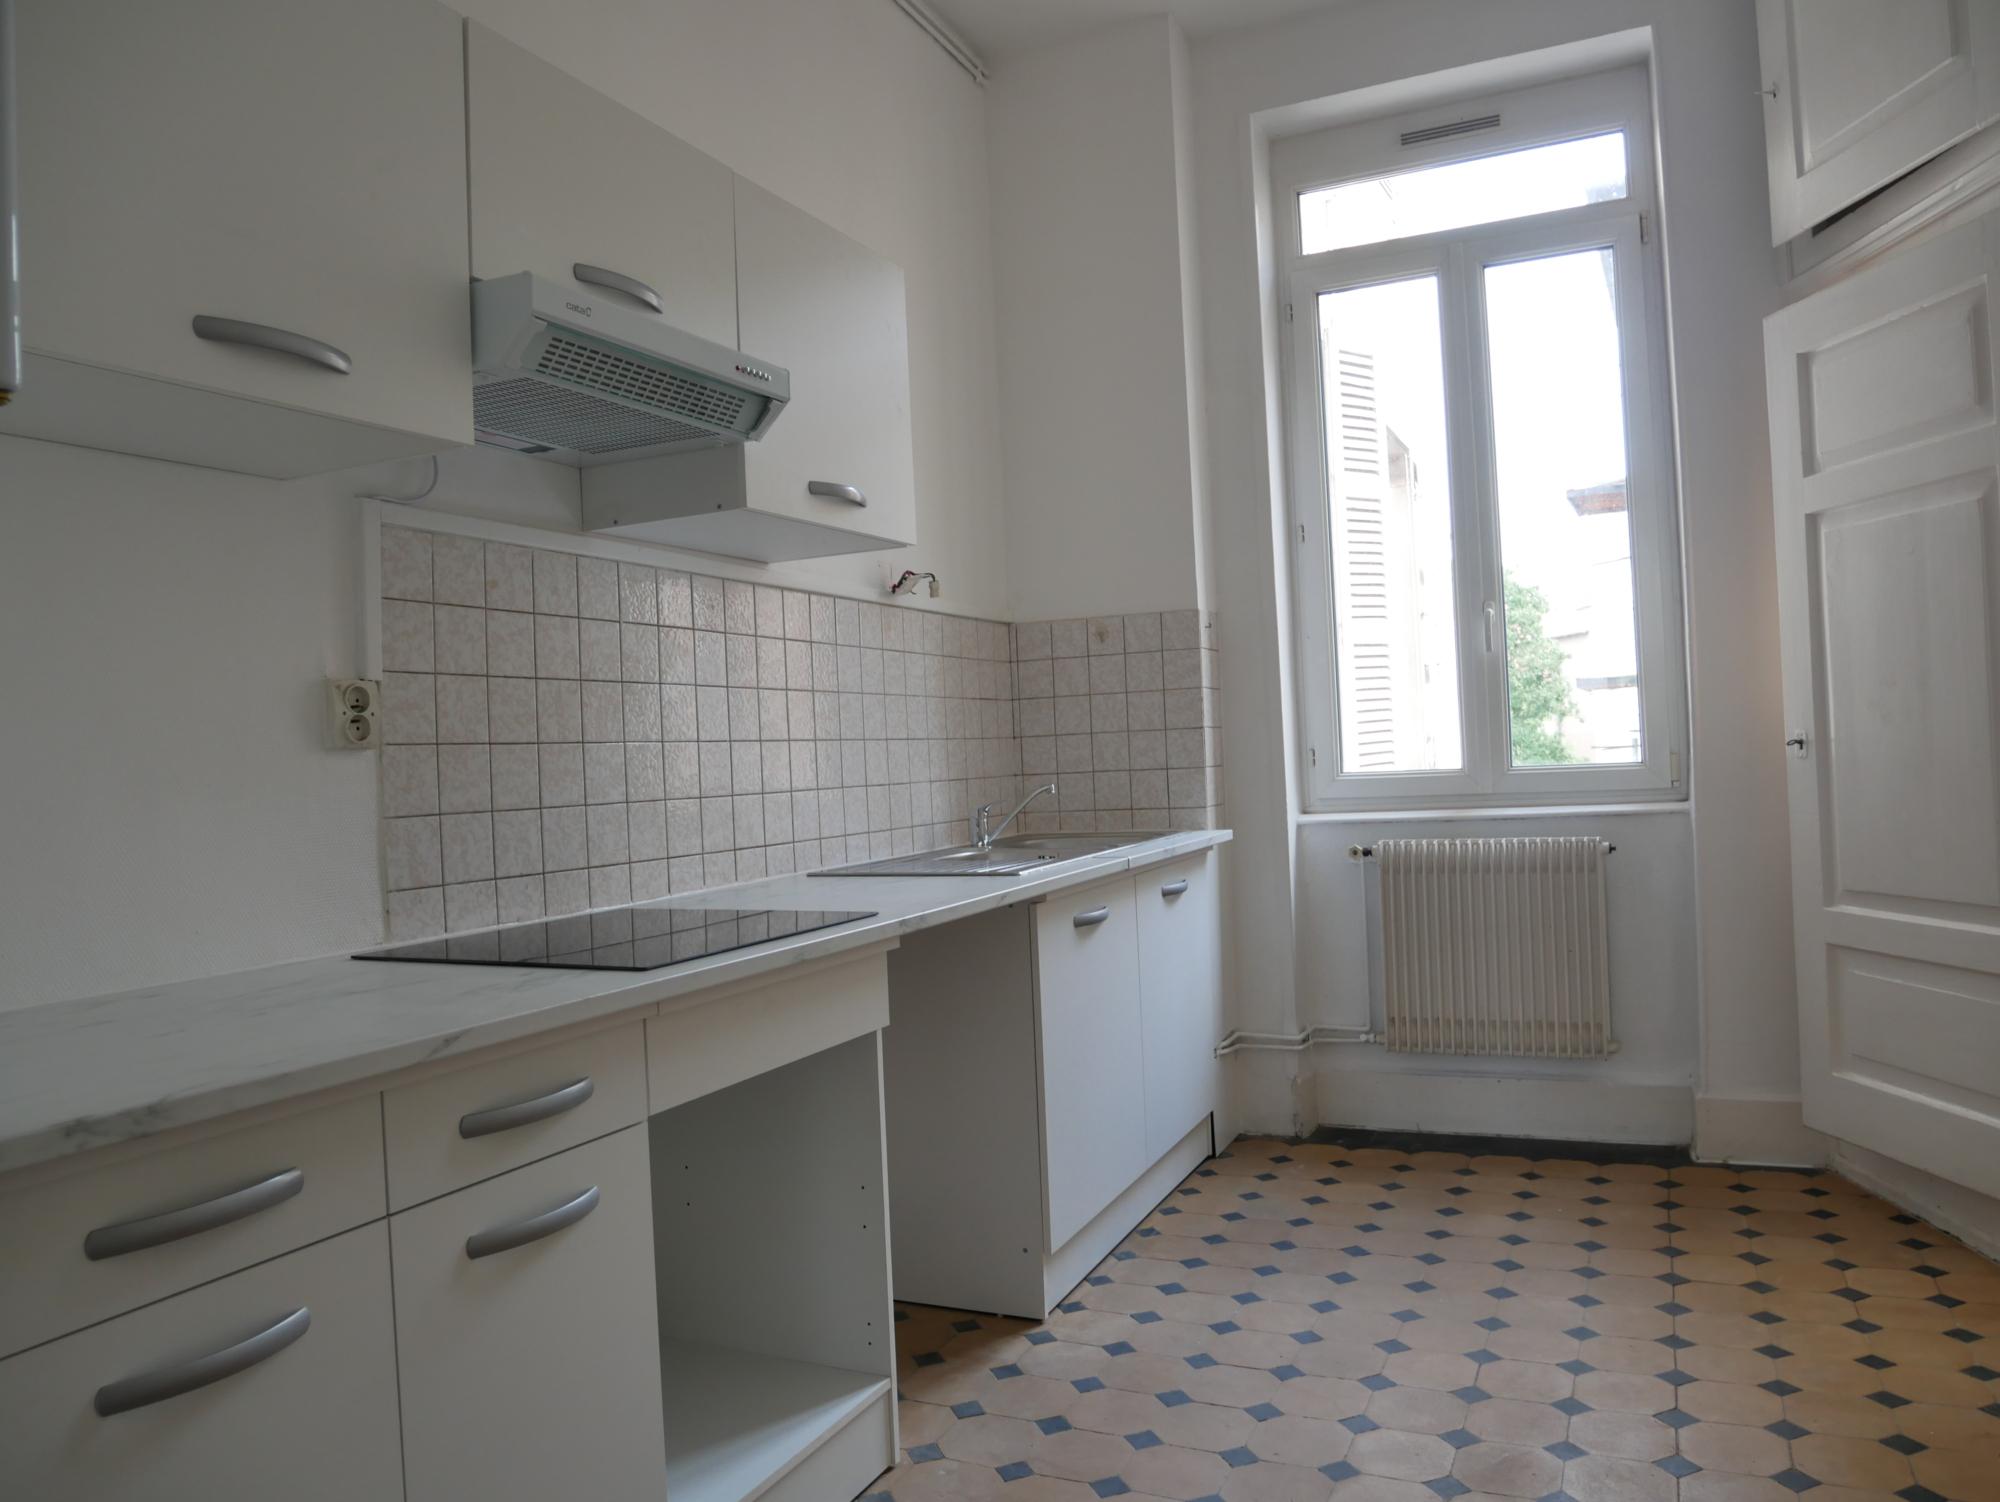 [Duchesse] Lumineux 4 pièces – Place de Bordeaux / Bvd. Ohmacht - nos locations - Beausite Immobilier 2